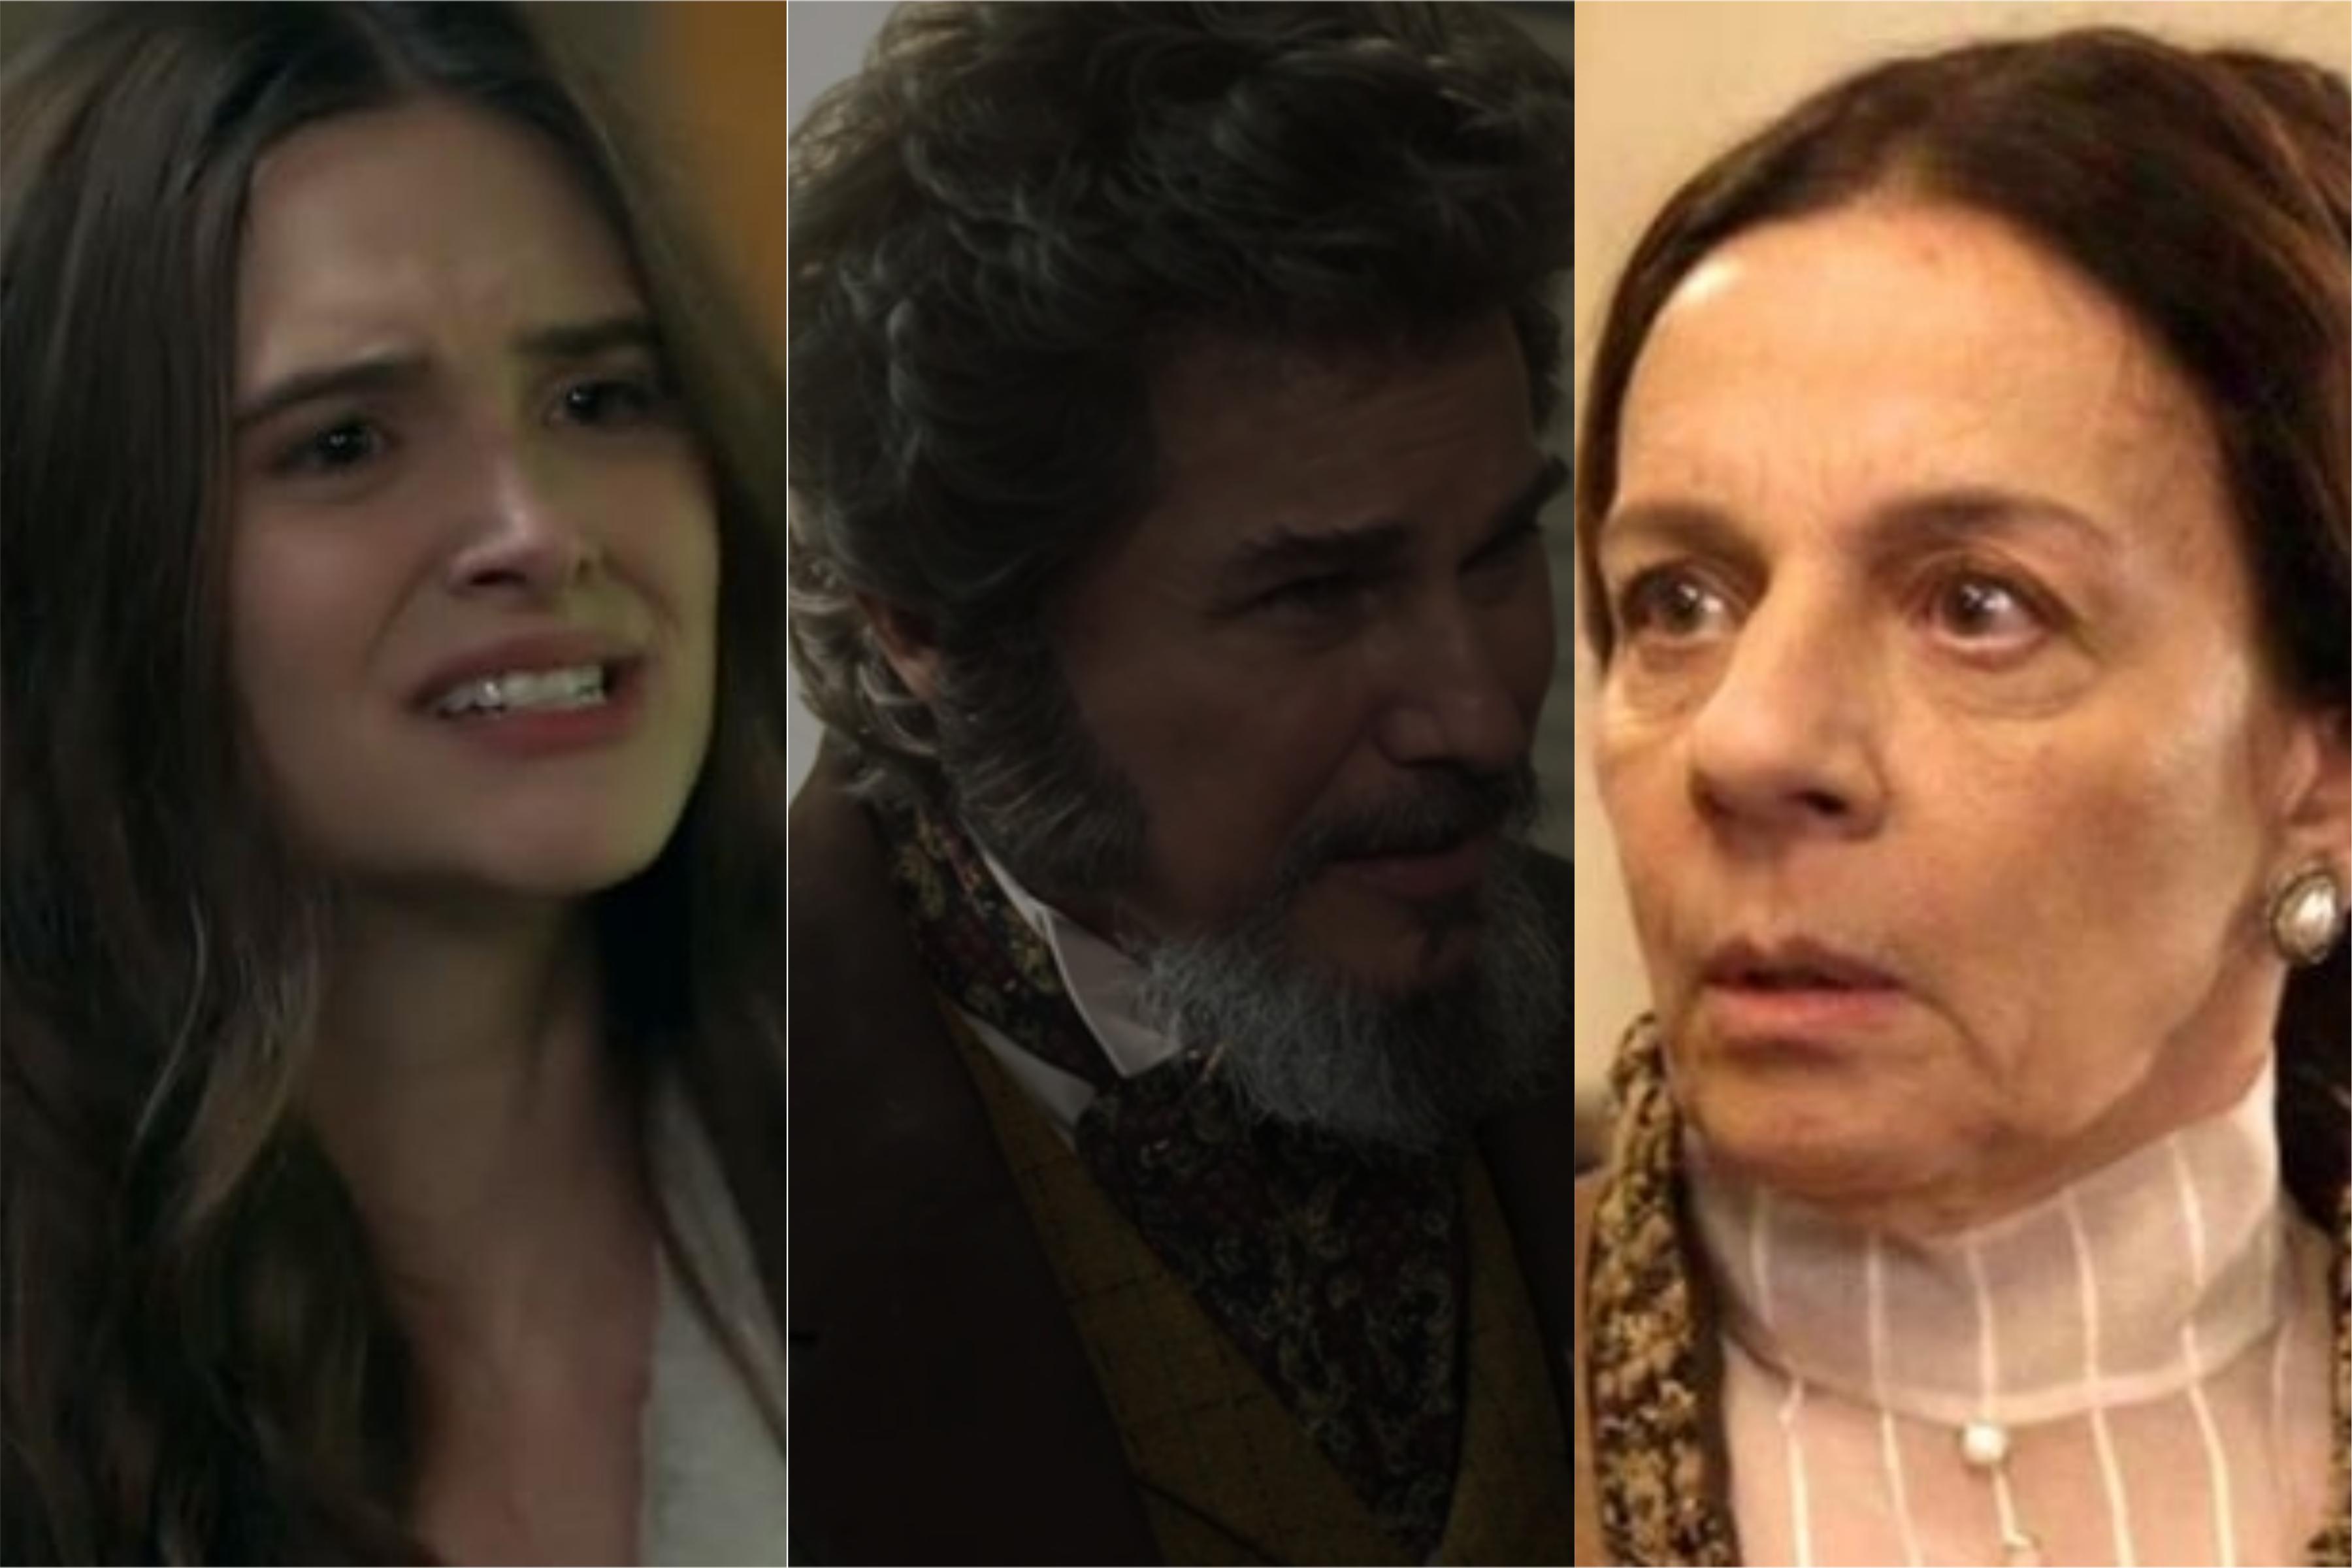 Marocas (Juliana Paiva), Sabino (Edson Celulari) e Agustina (Rosi Campos) em O Tempo Não Para (Foto: Reprodução / Montagem: TV FOCO